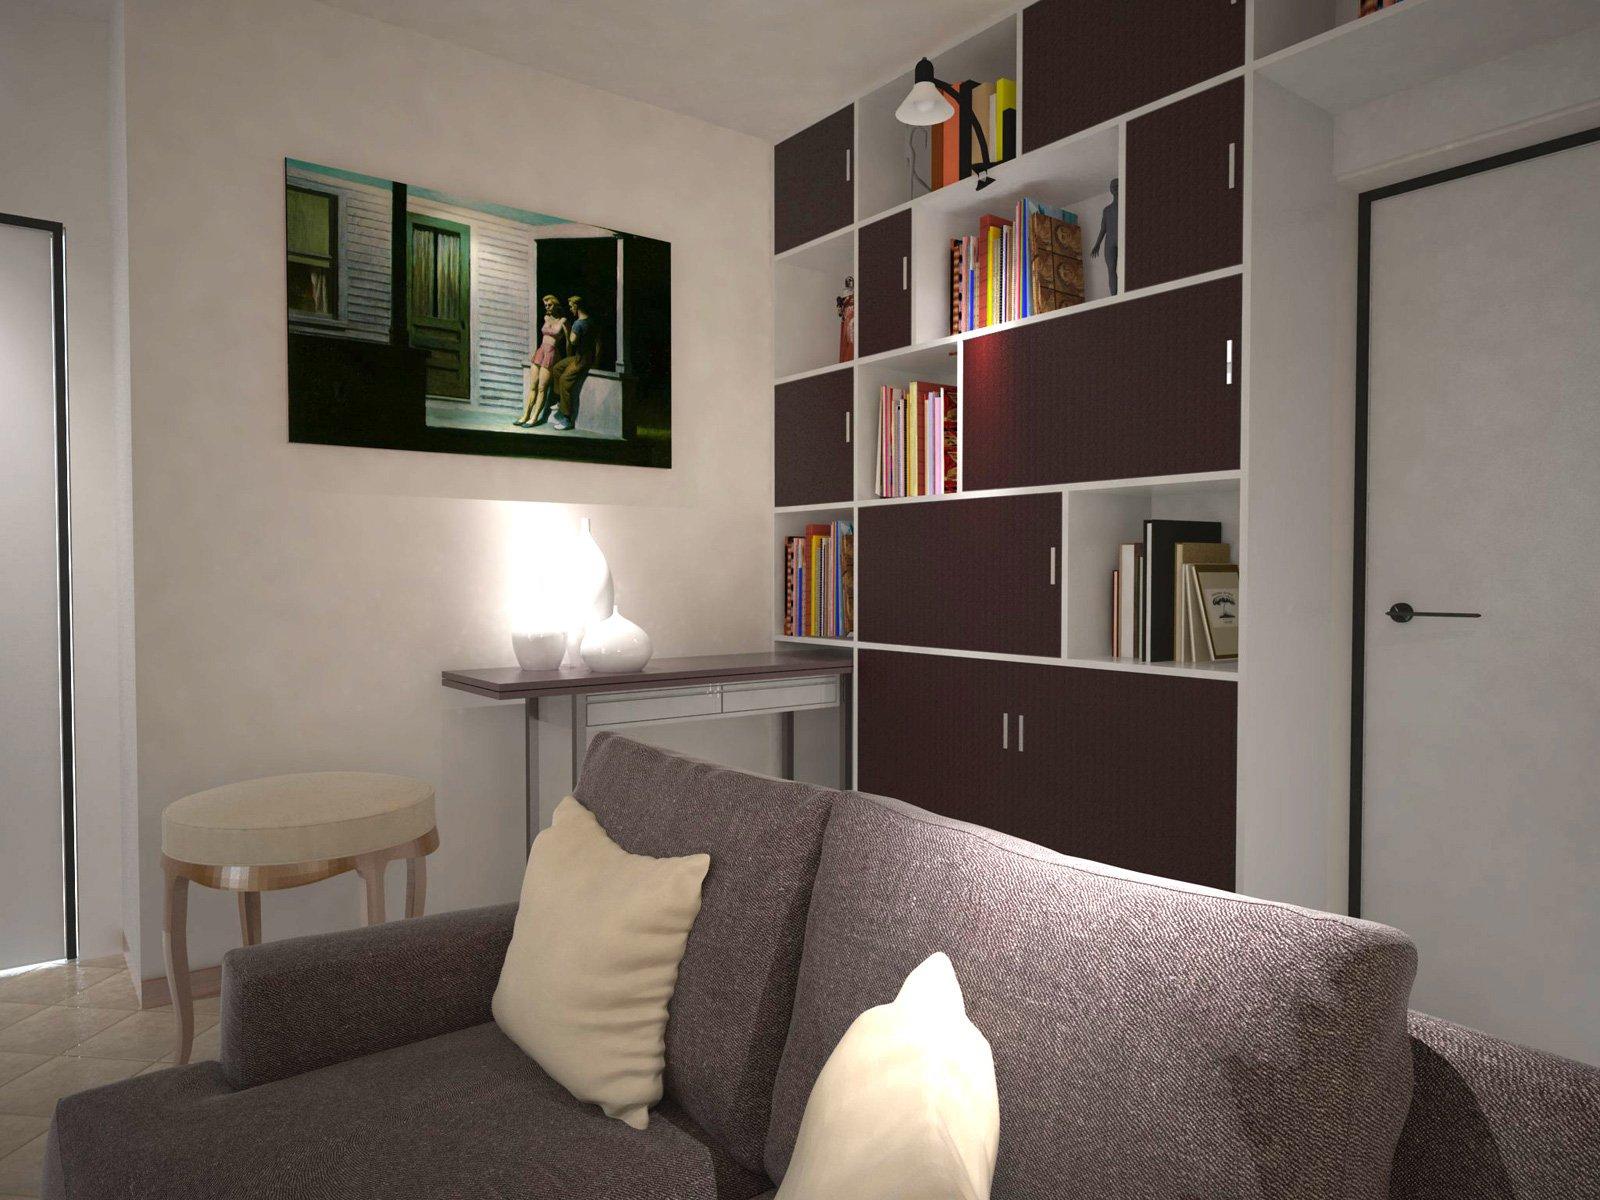 Arredare un soggiorno con tante aperture sulle pareti for Parete salotto